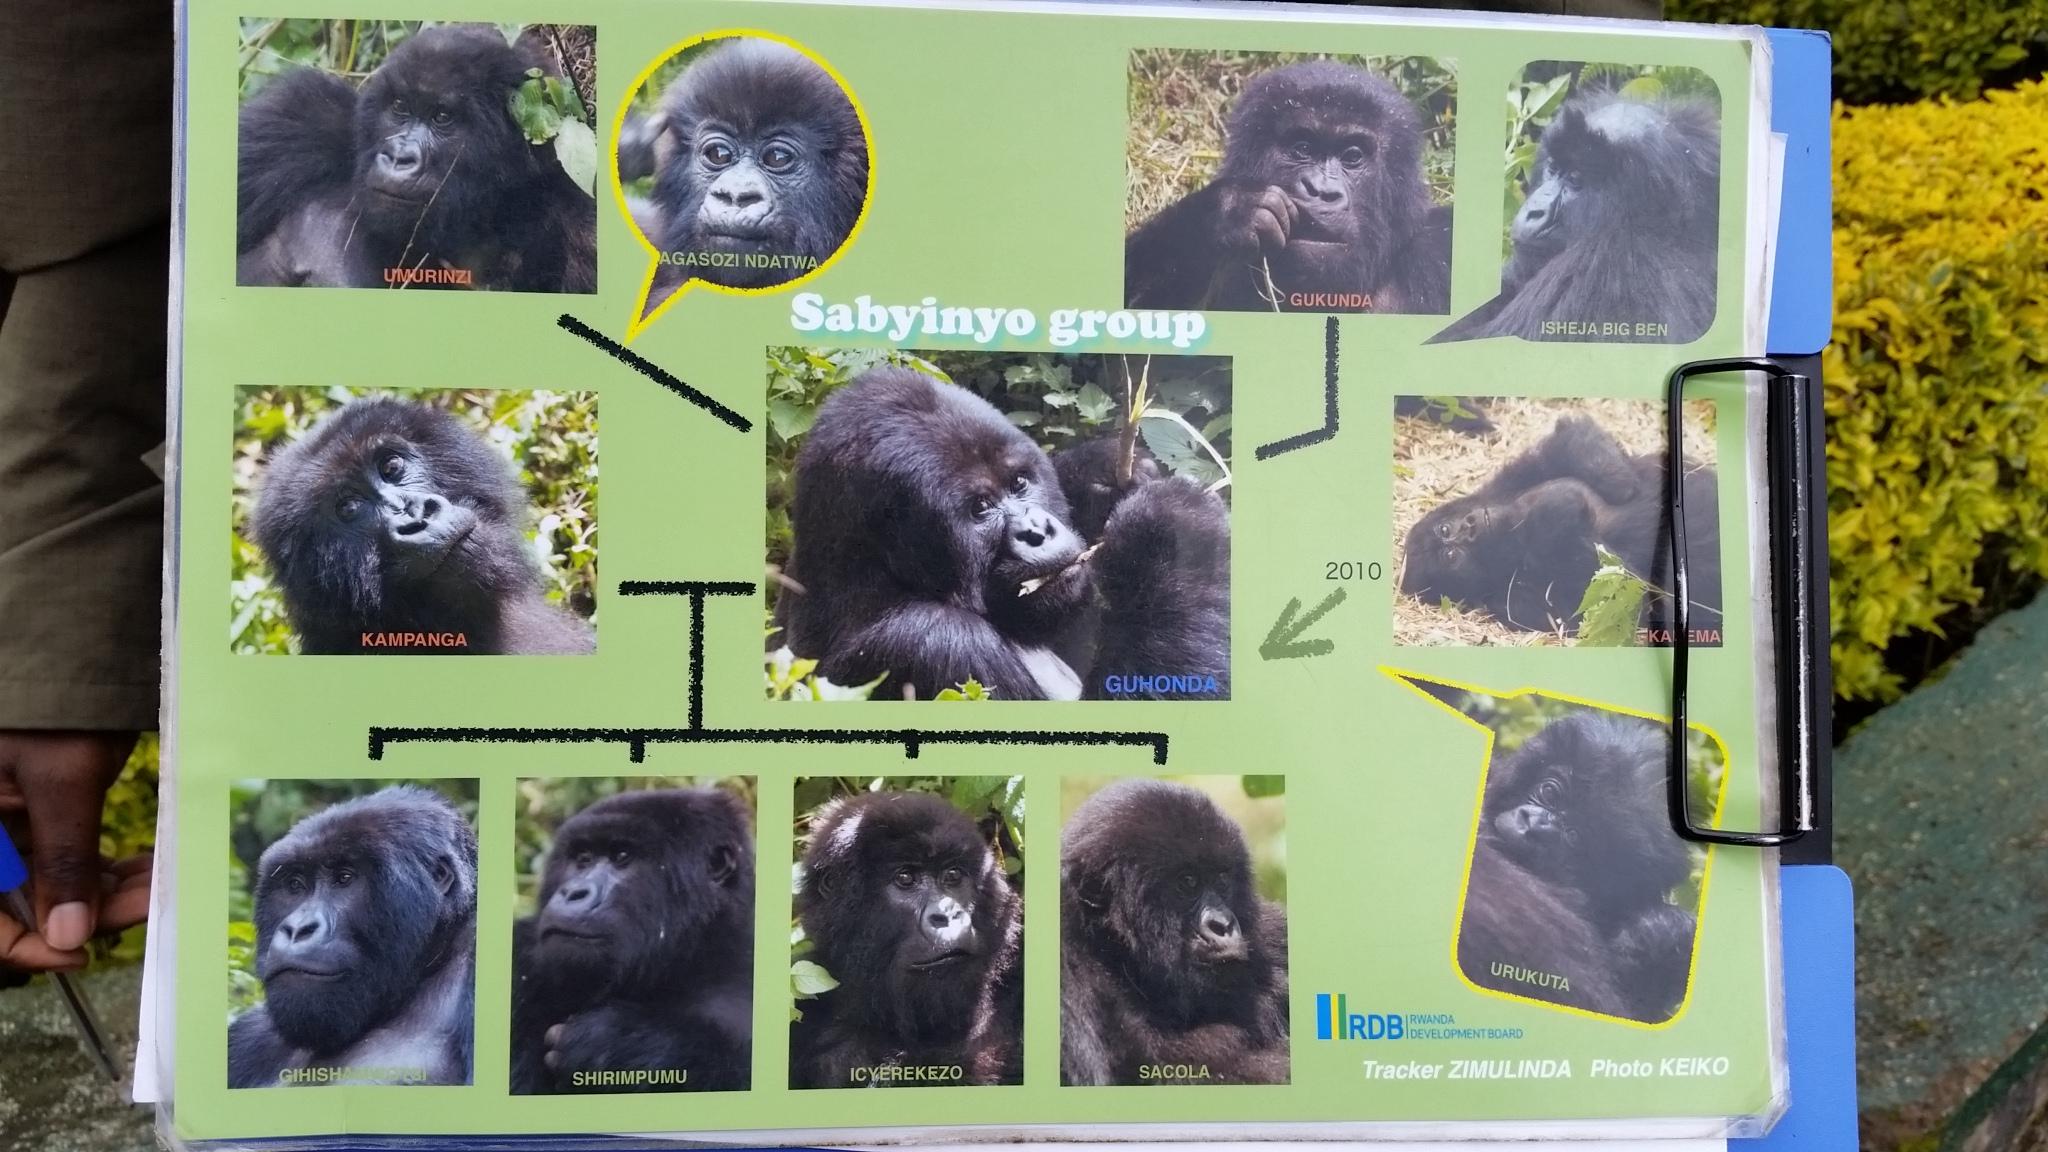 Sabyinyo Group gorillas